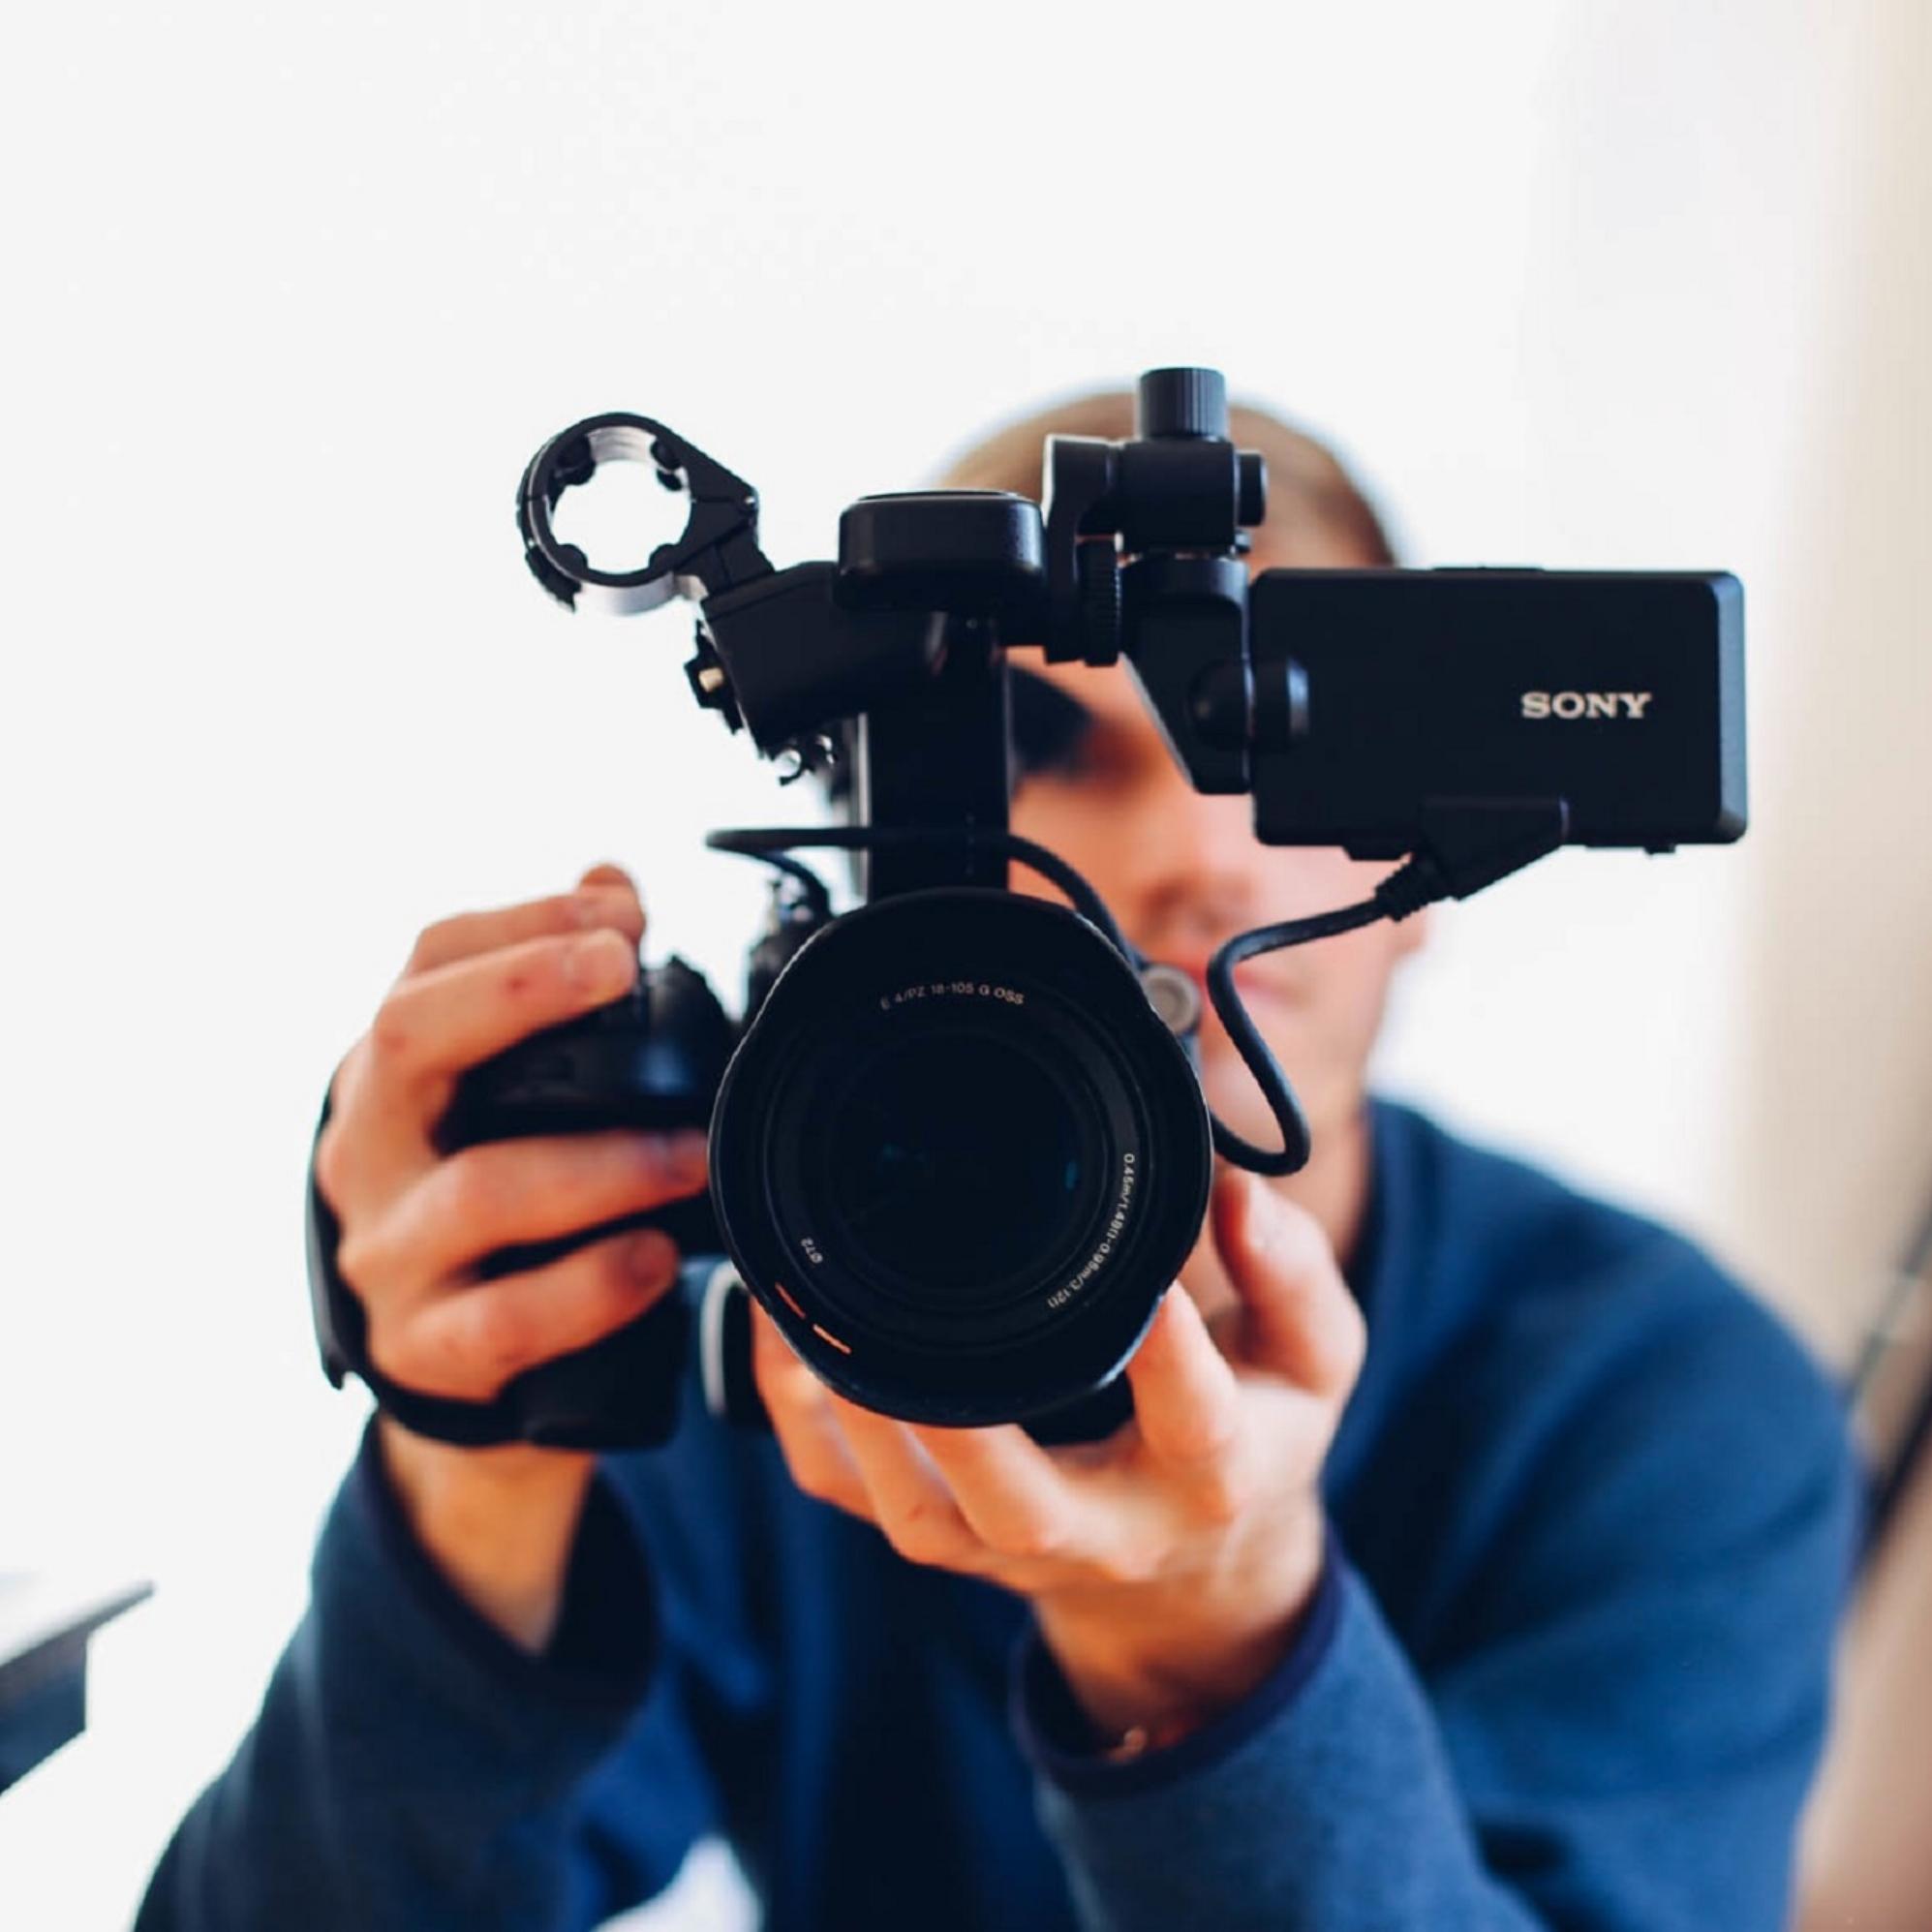 Optag firmaets næste reklamefilm og konkurrer mod de andre hold, om at indspille den bedste film. Vi sørger for et et fedt setup, hvor opgaver som manuskript, rollefordeling og redigerings færdigheder, skal indgå i løsningen på opgaven. Vi medbringer alt udstyr til denne aktivitet, og slutter af med et Award Show, hvor dagens bedste og flotteste film kåres. -